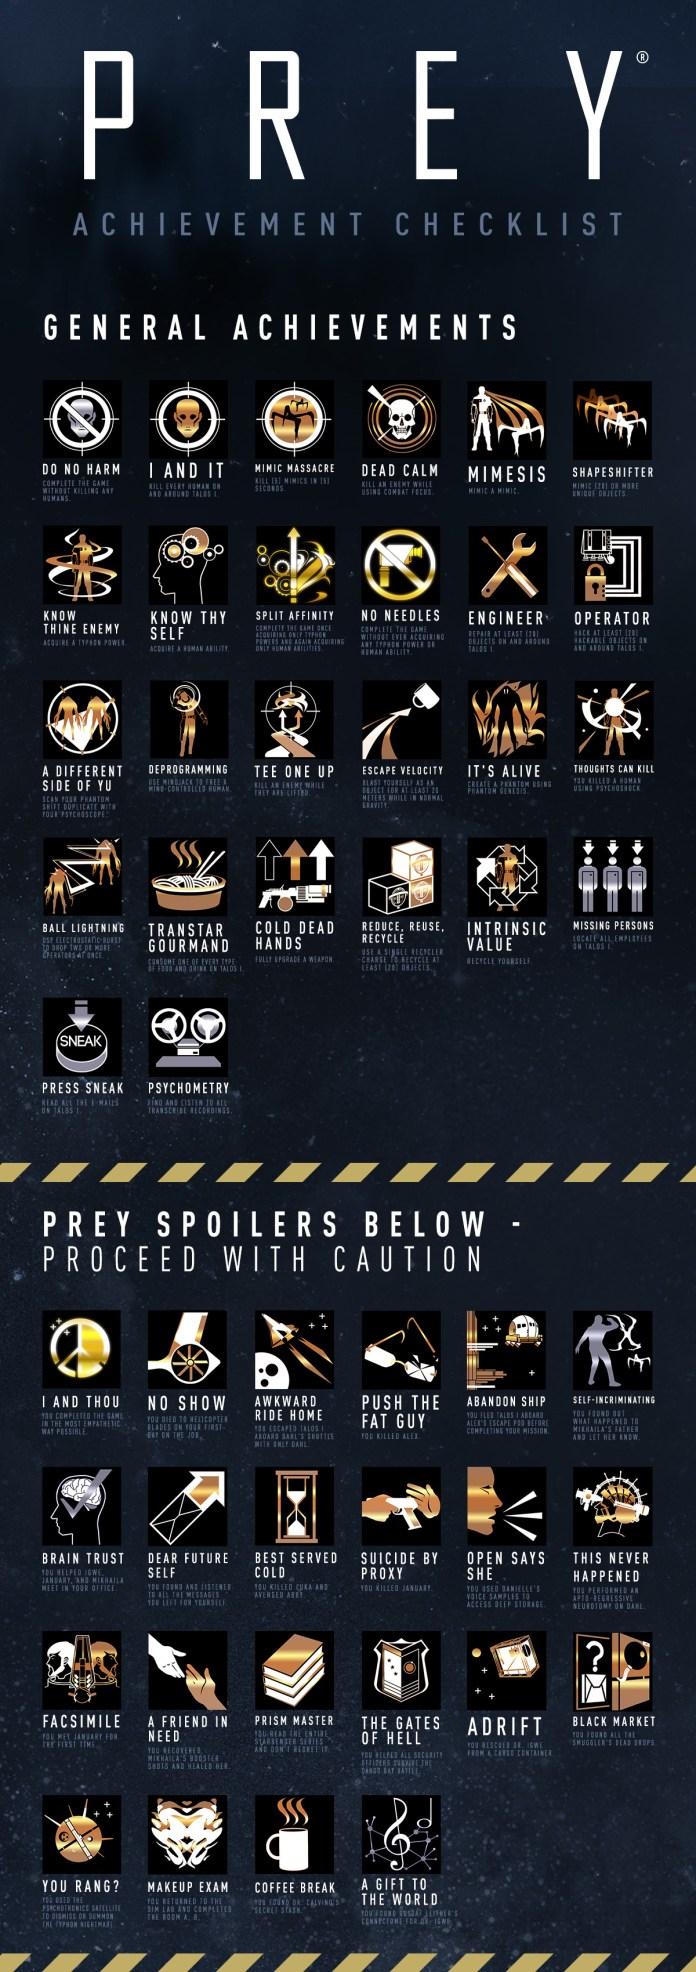 Prey Game Achievements list